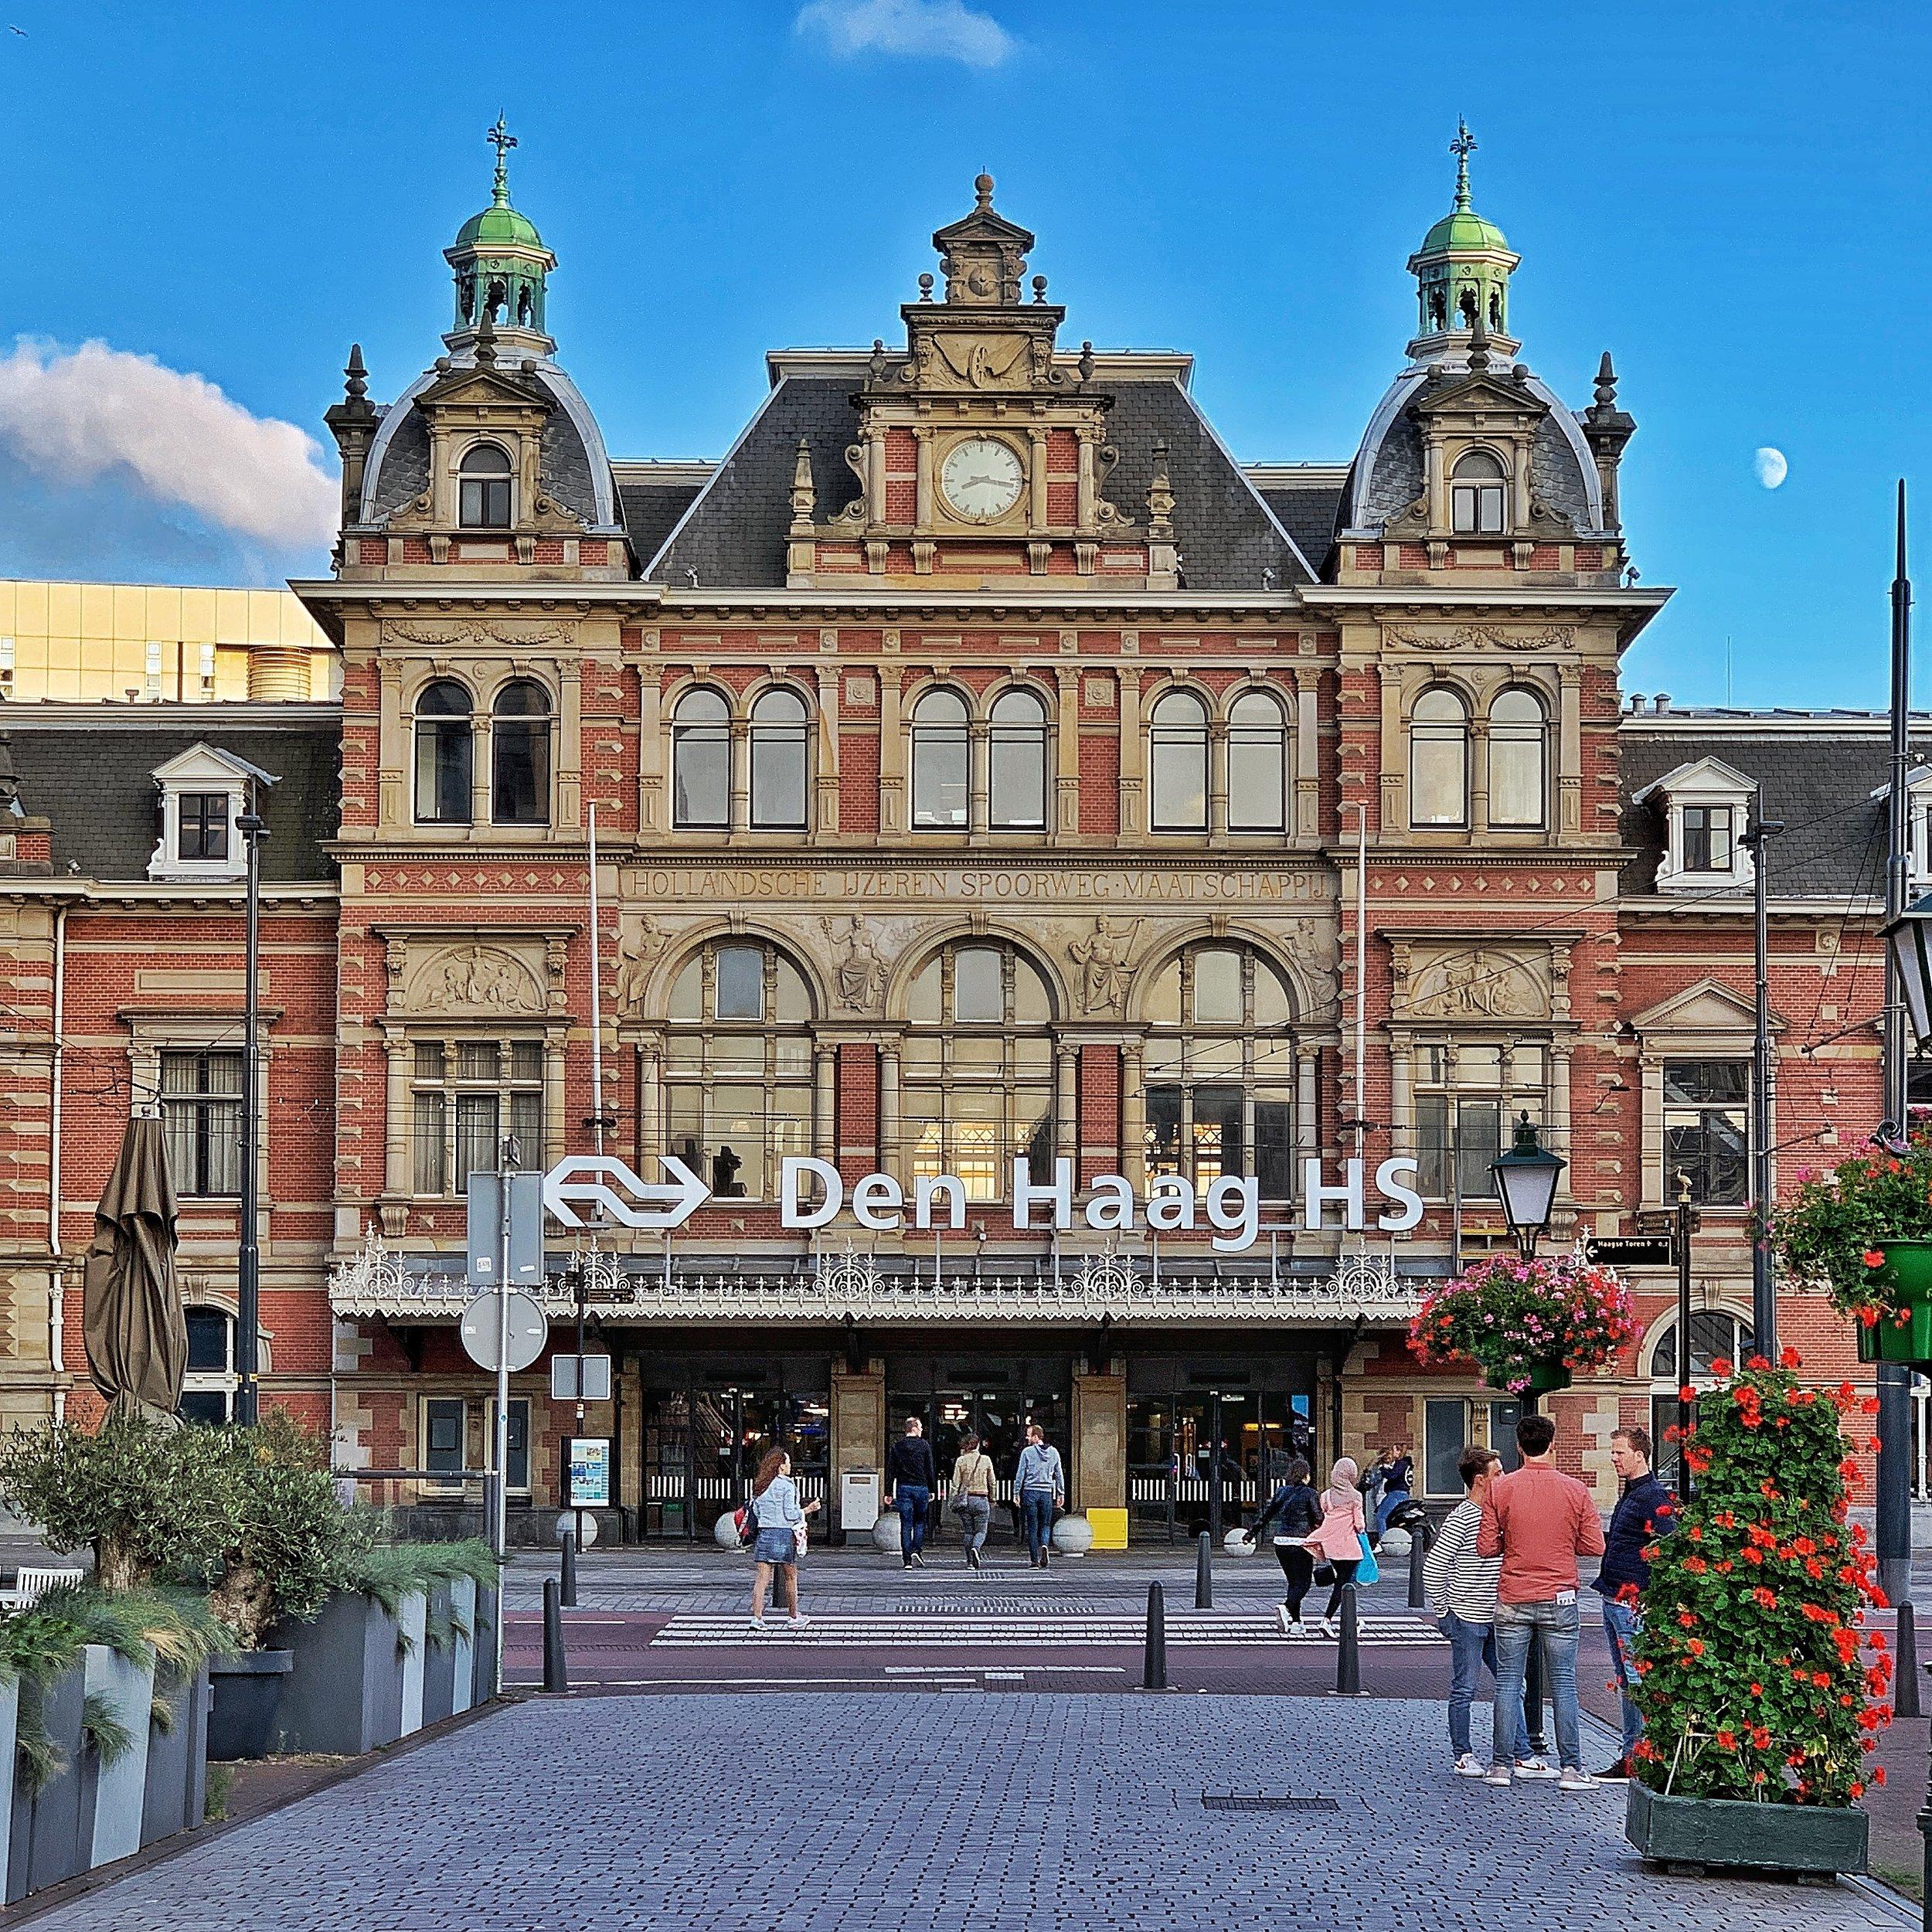 Den Haag HS